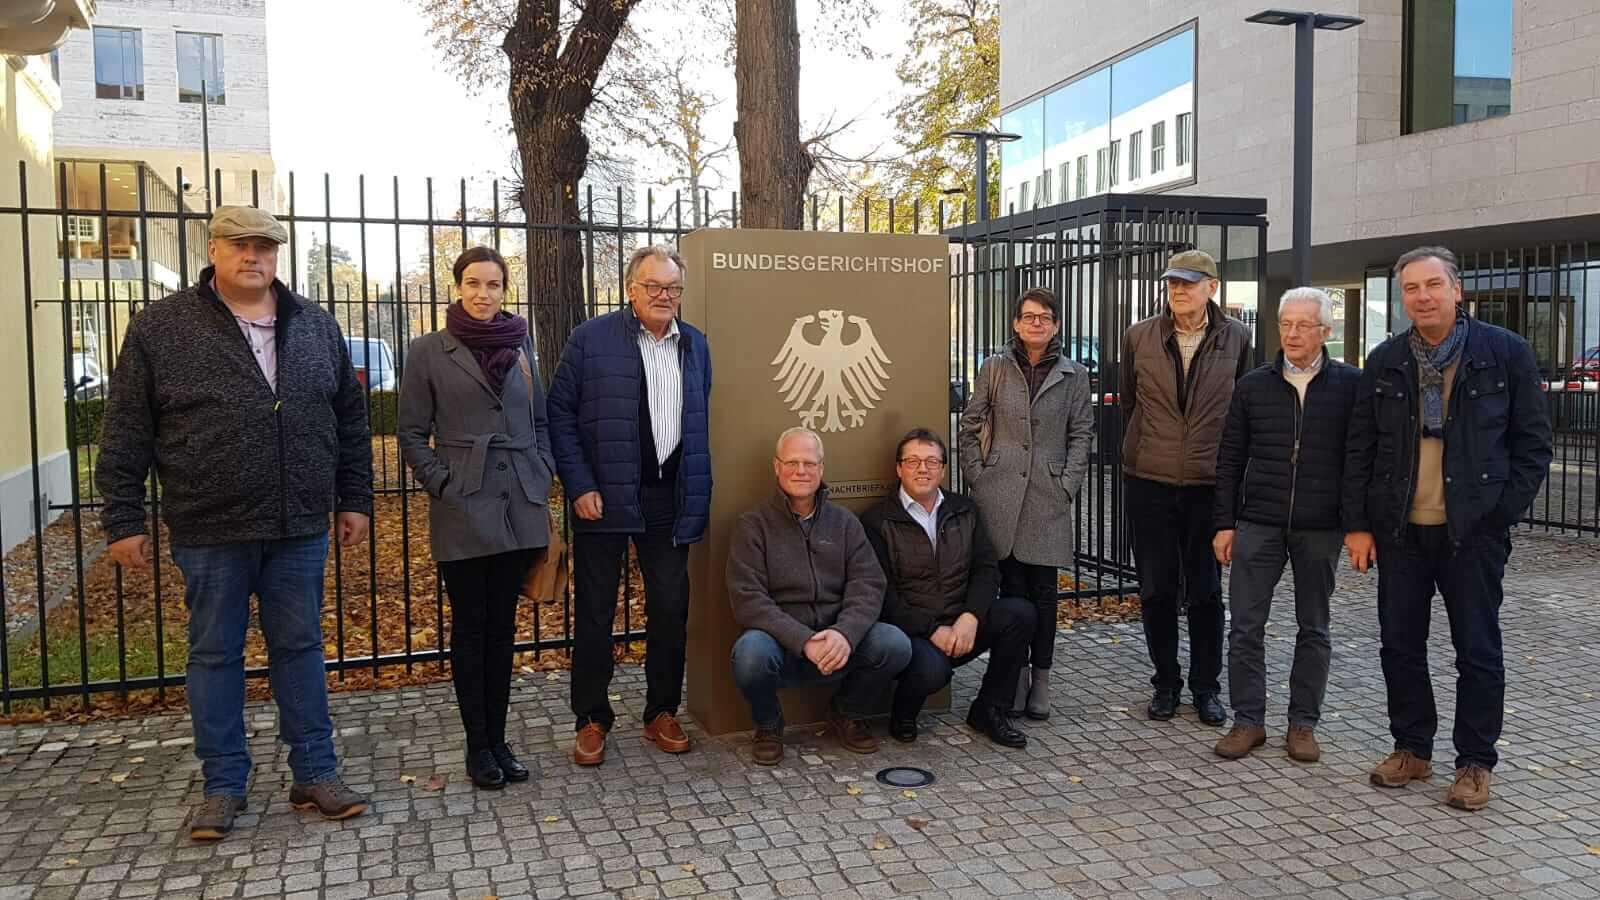 Wisentfreunde vor dem Bundesgerichtshof (BGH) in Karlsruhe.